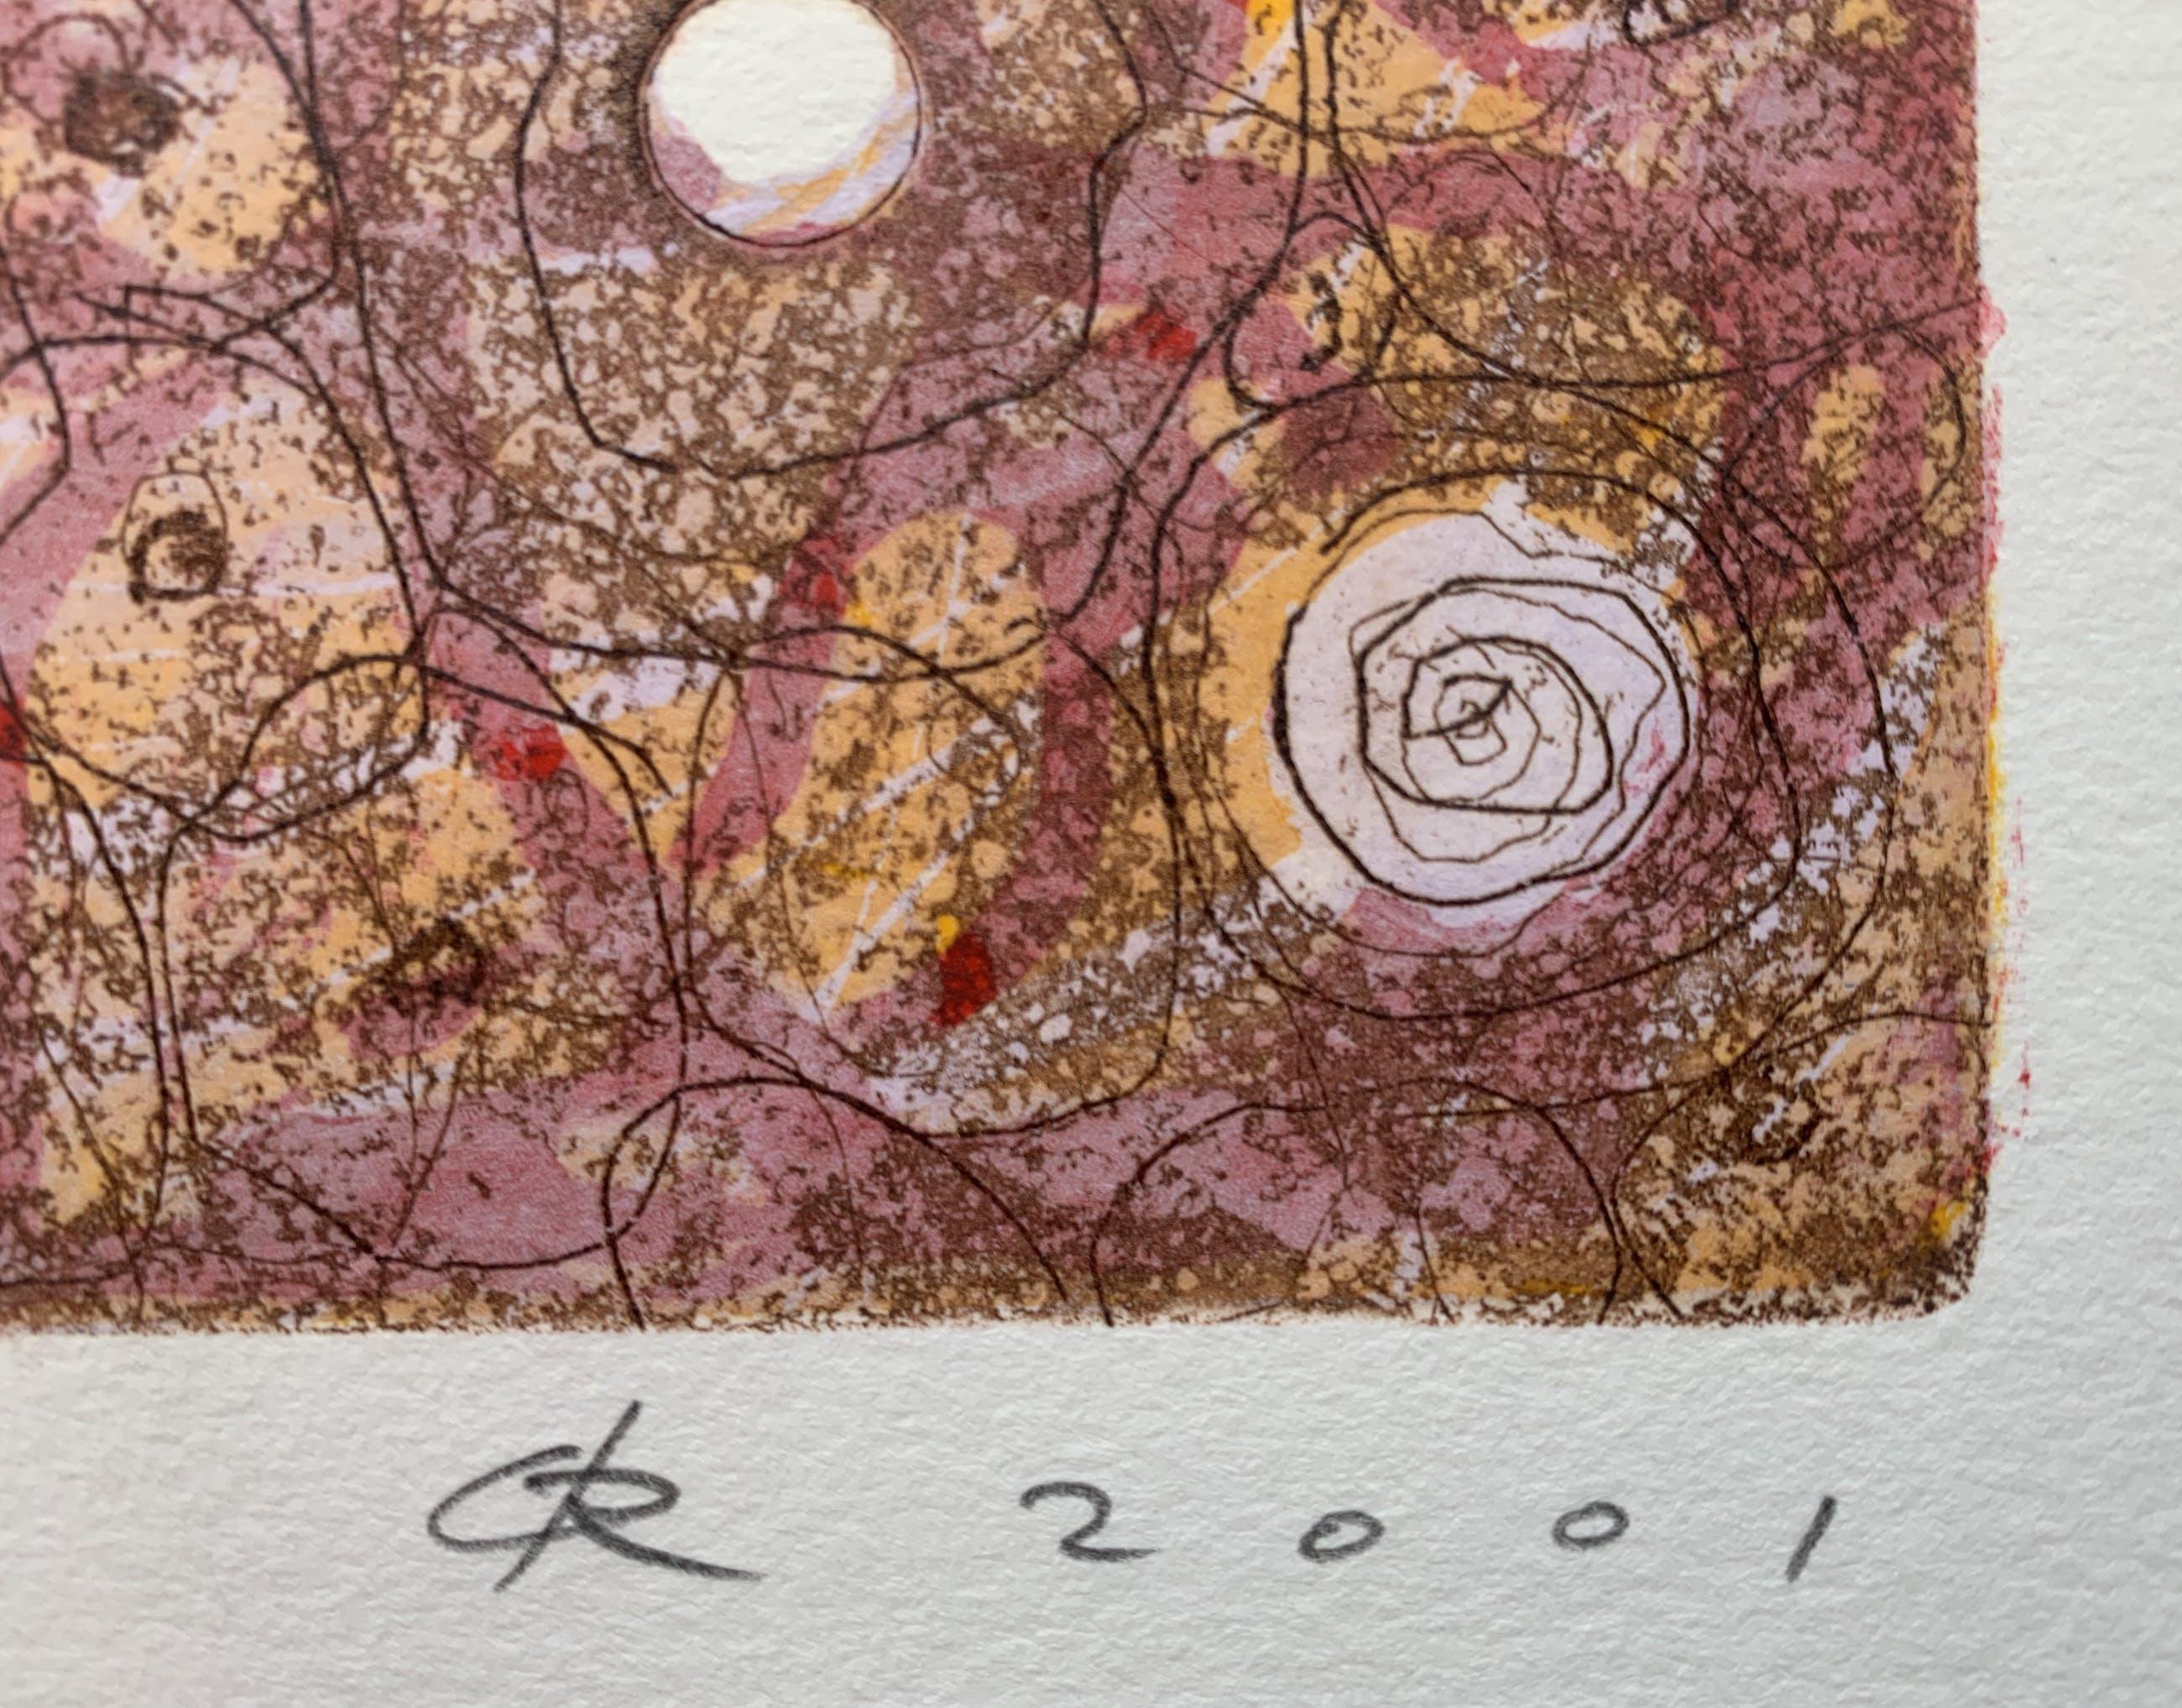 Rob de Graaf - ets/houtsnede | 'Unus Mundus' | 2001 kopen? Bied vanaf 75!